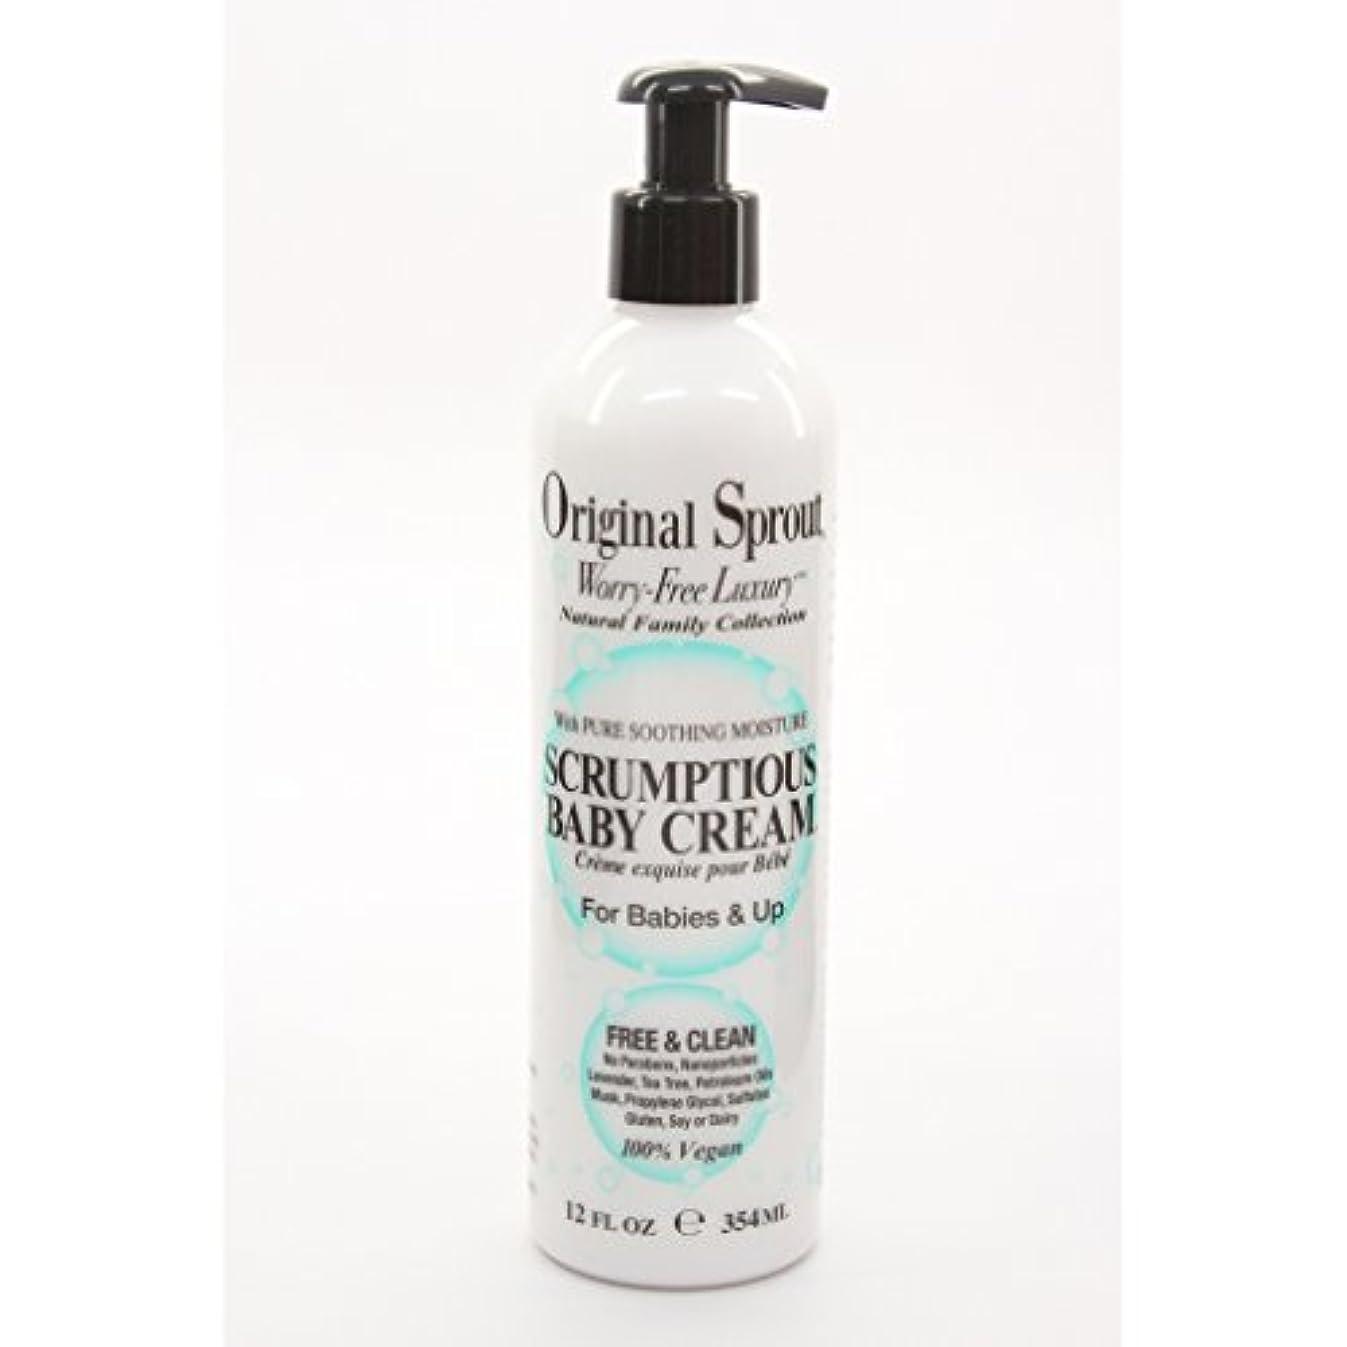 気がついて静的満州Original Sprout Inc, Scrumptious Baby Cream, For Babies and Up, 12 fl oz (354 ml) by Original Sprout [並行輸入品]